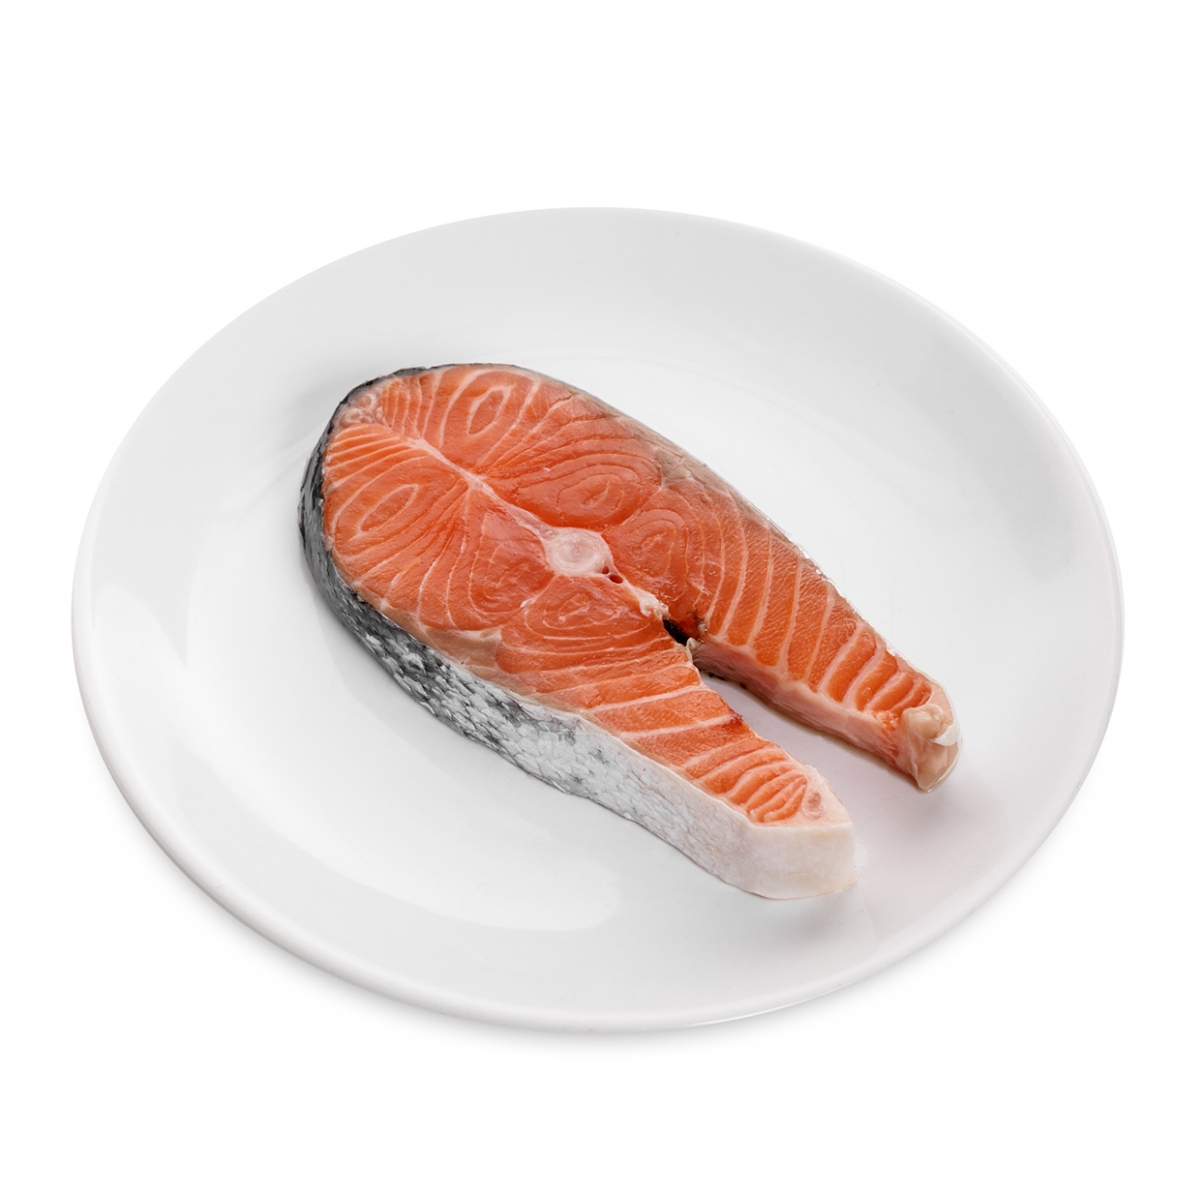 Imagen en la que se ve un plato con una rodaja de salmón